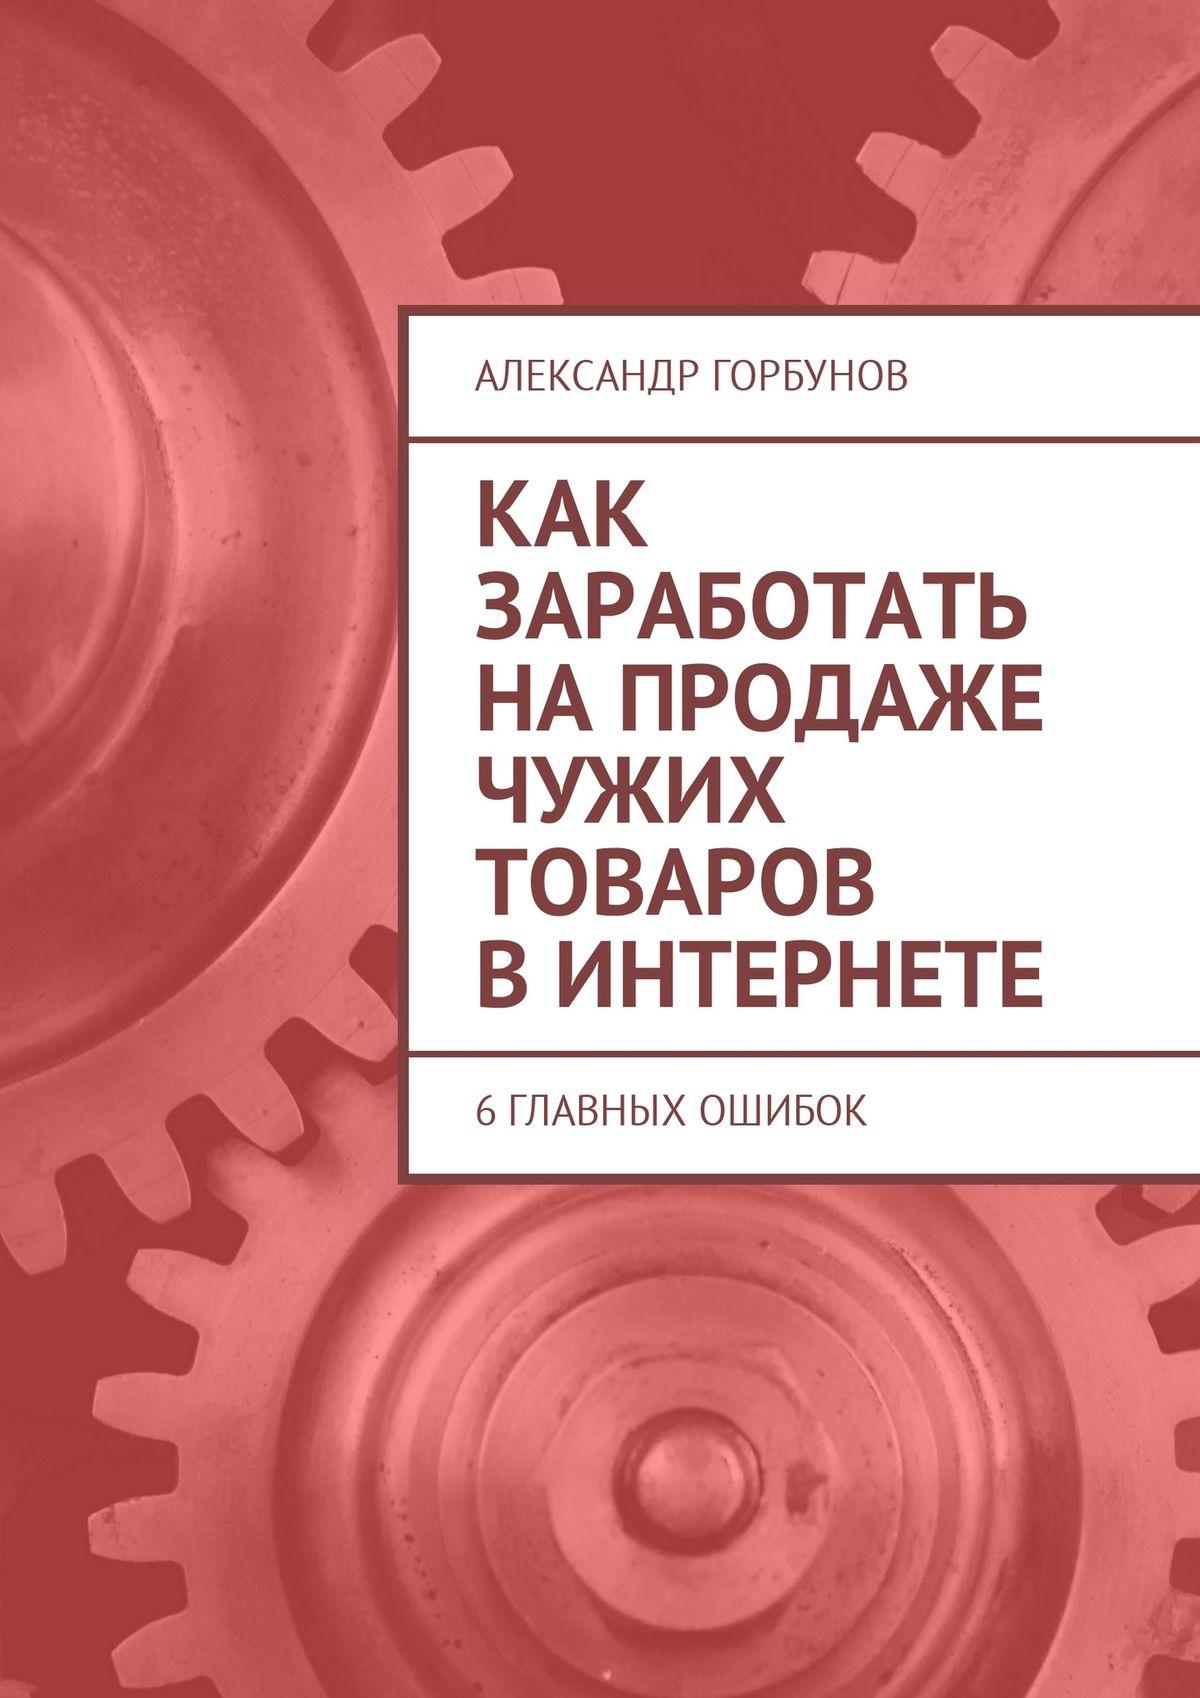 Александр Горбунов Как заработать напродаже чужих товаров вИнтернете. 6главных ошибок александр горбунов 54000$ в час или как инвестировать в bitcoin